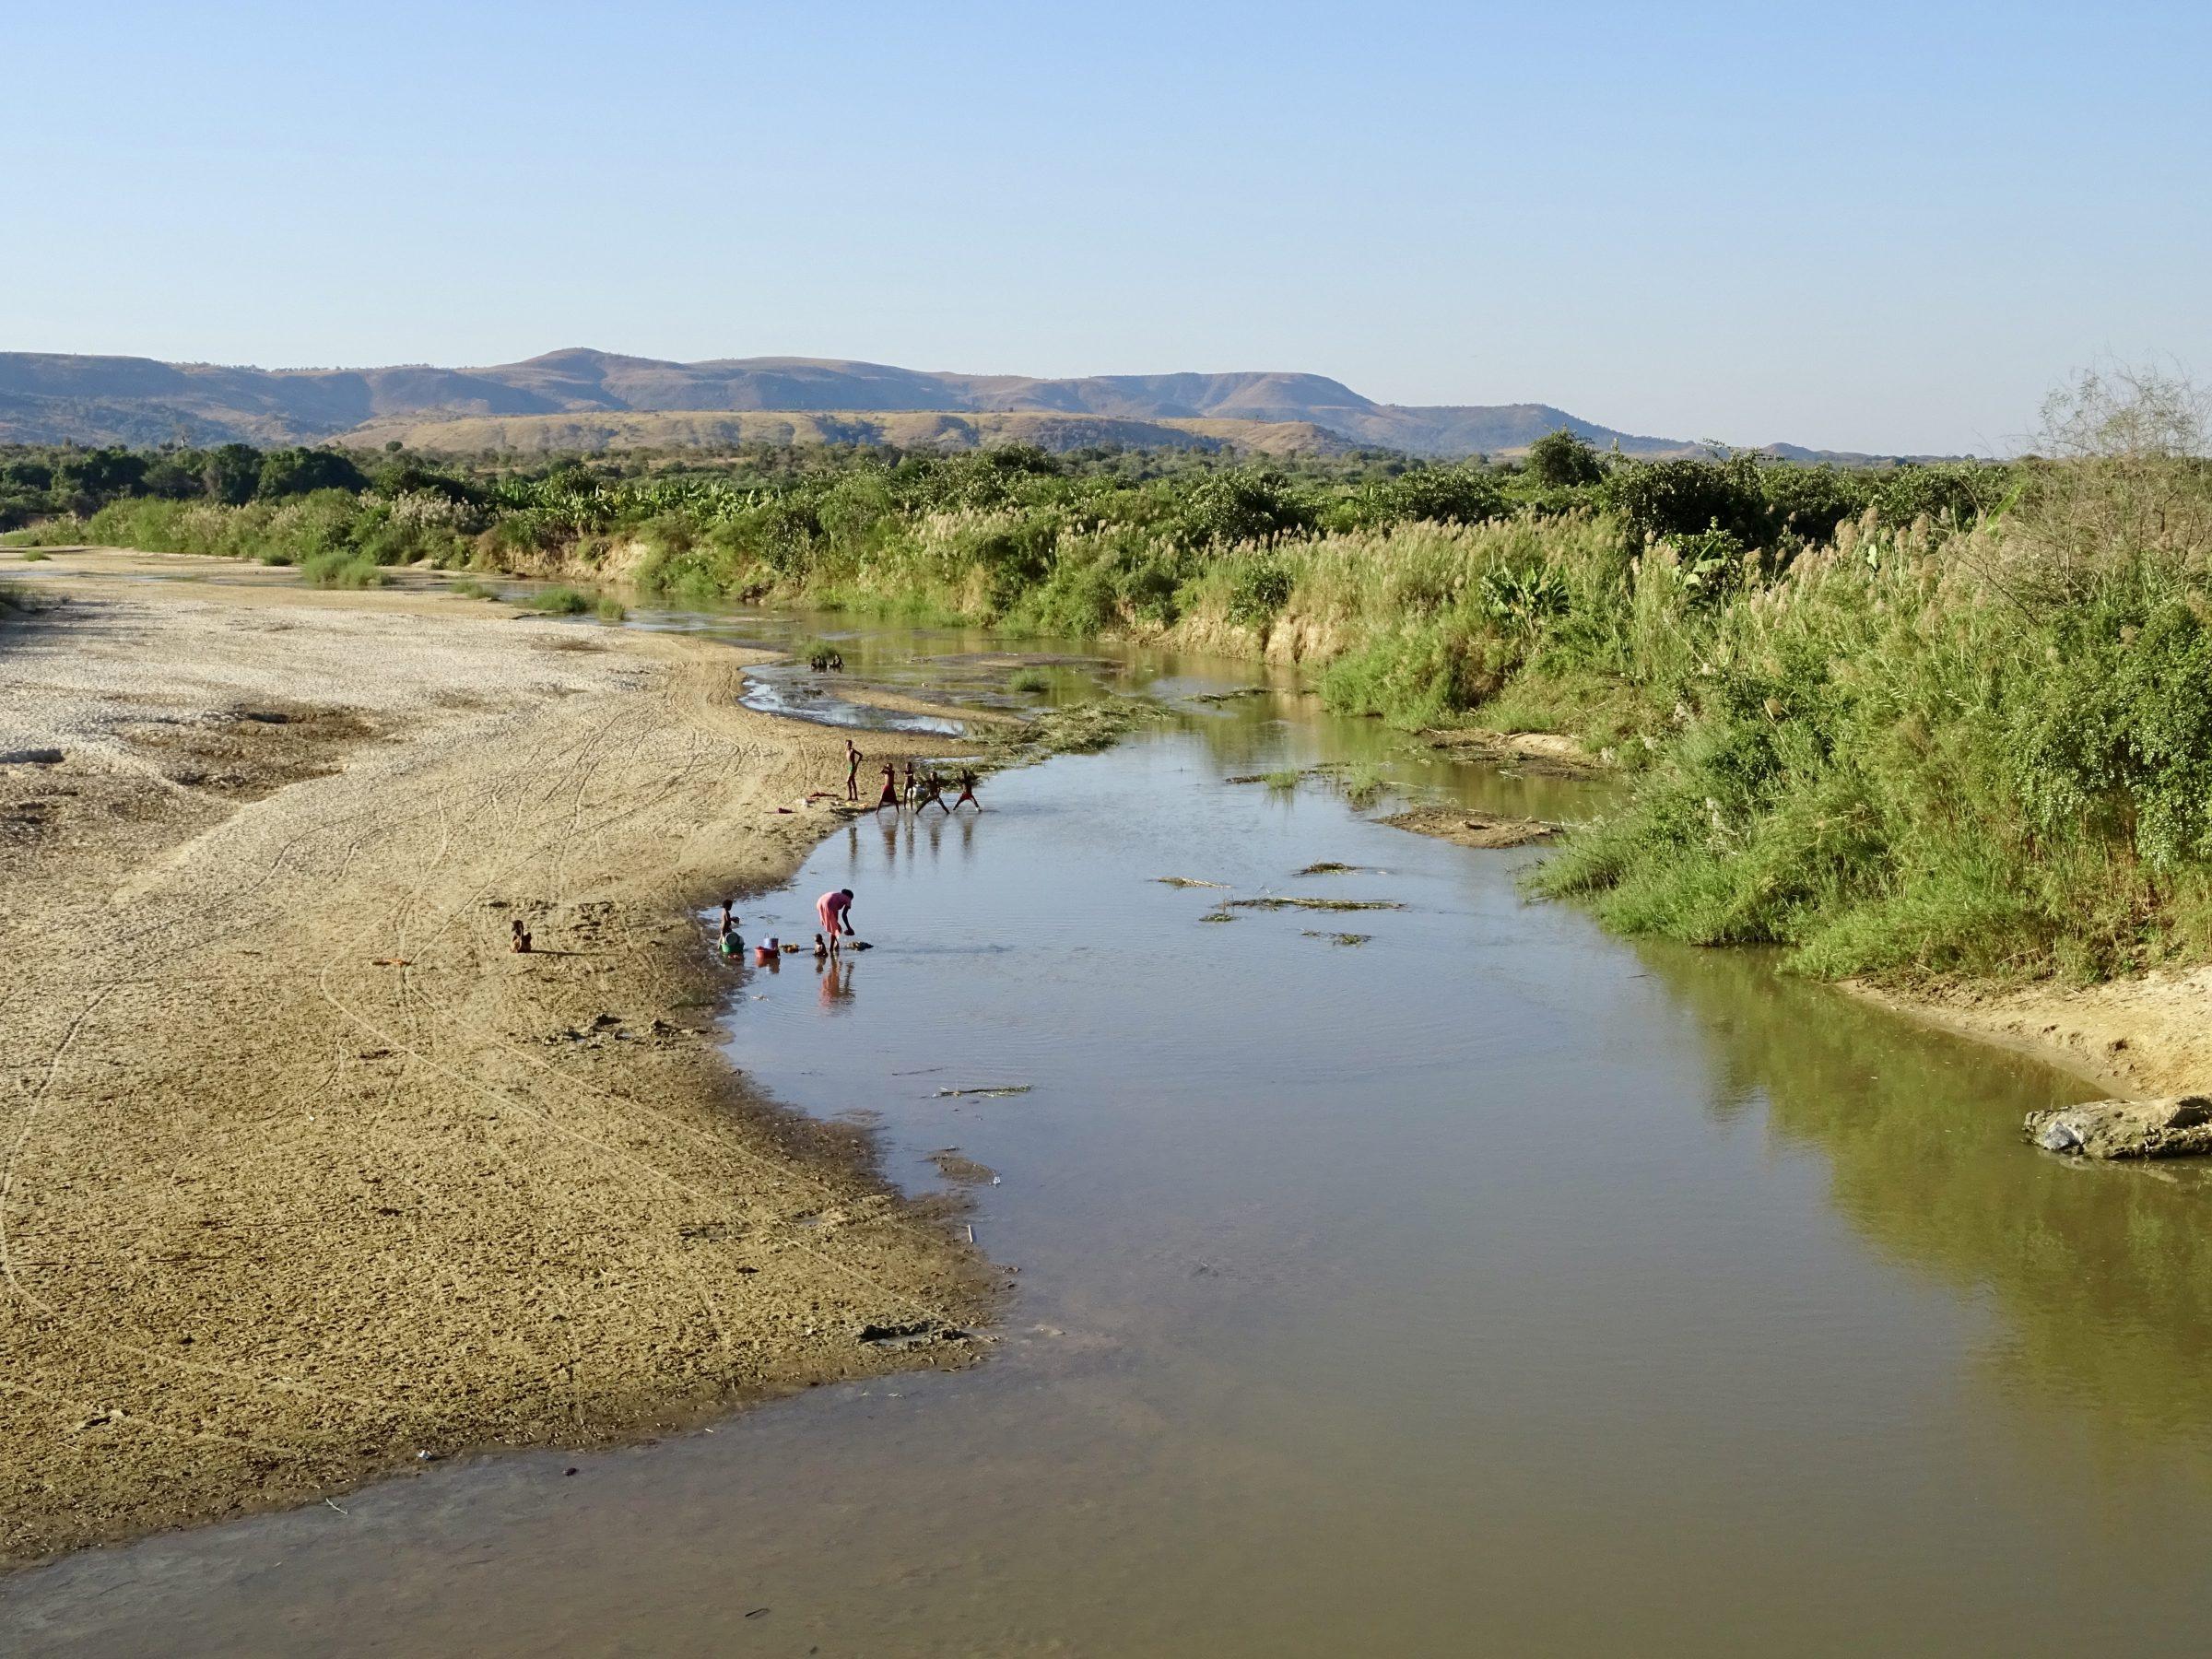 Een wasbeurt in de rivier